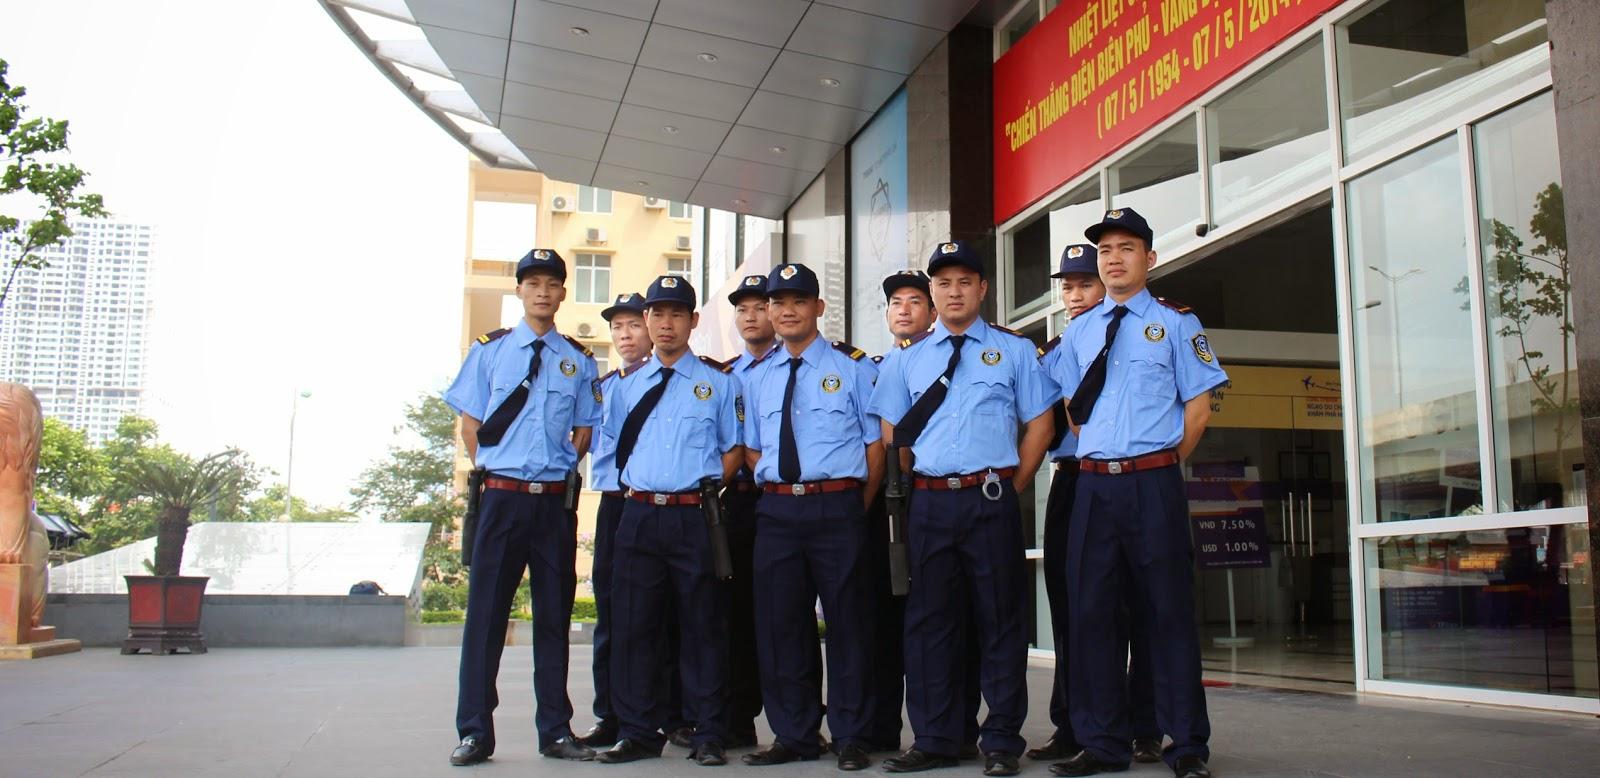 3 tiêu chí khi lựa chọn dịch vụ bảo vệ chuyên nghiệp tại Hà Nội1